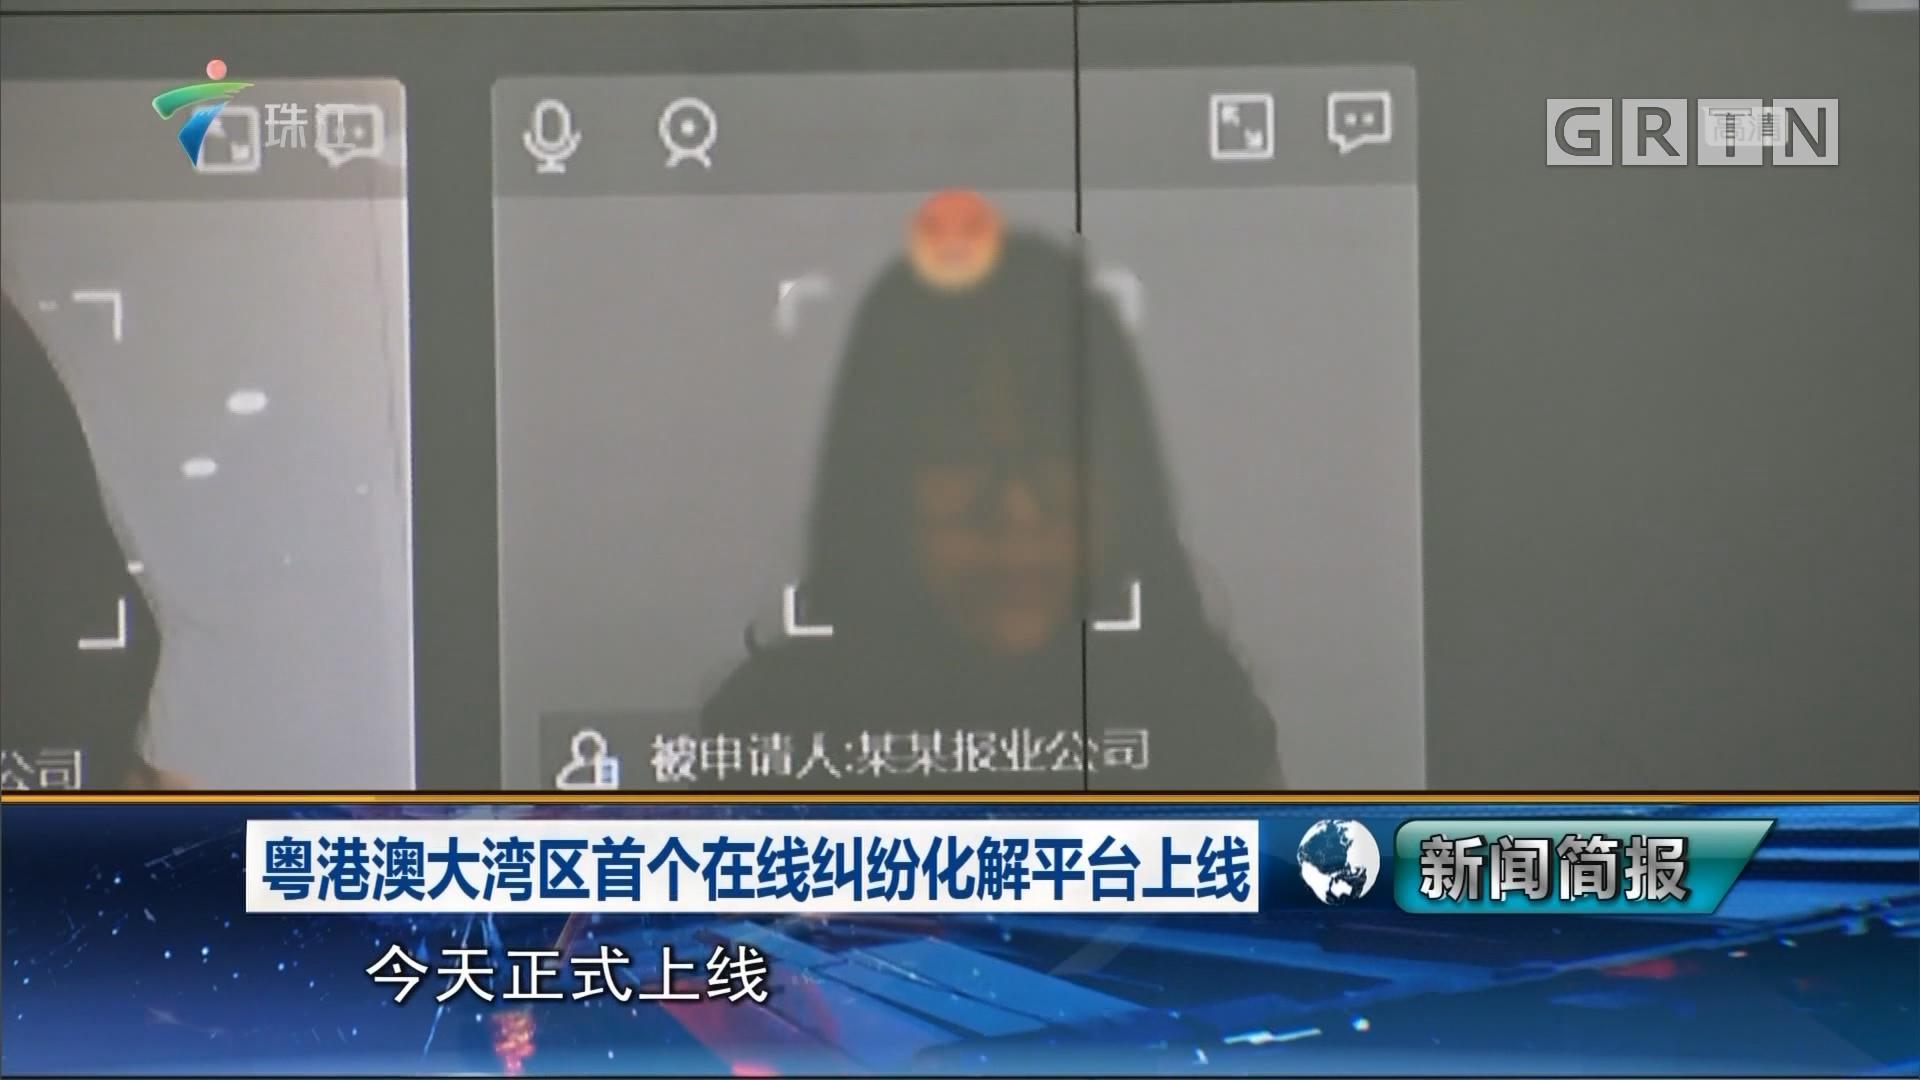 粤港澳大湾区首个在线纠纷化解平台上线